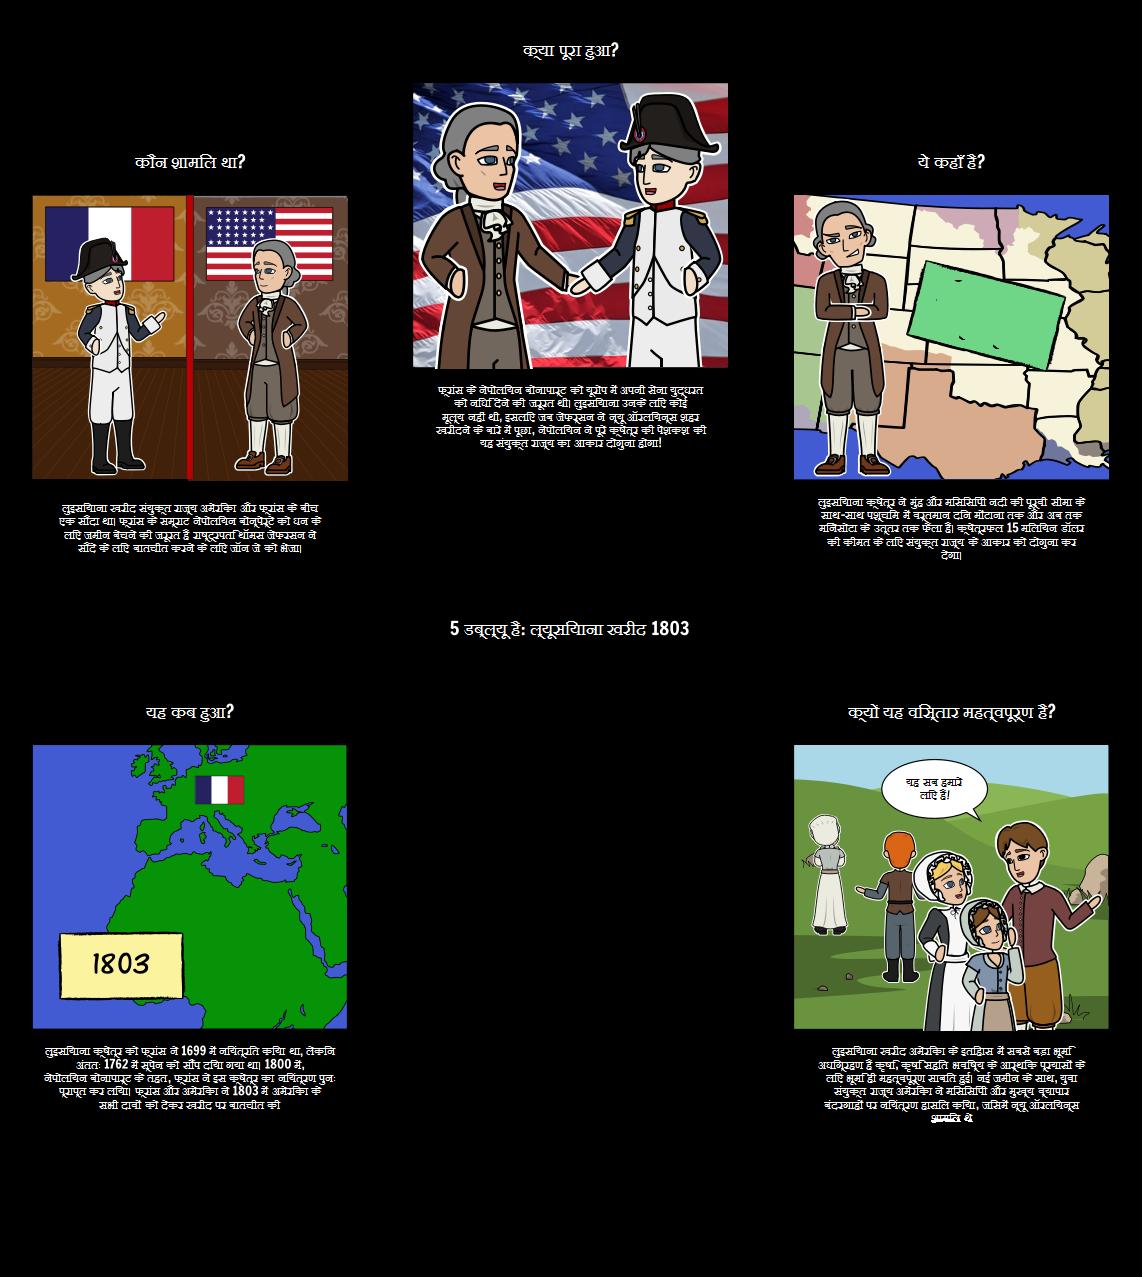 अमेरिका क्षेत्रीय विस्तार - 1803 के लुइसियाना खरीद